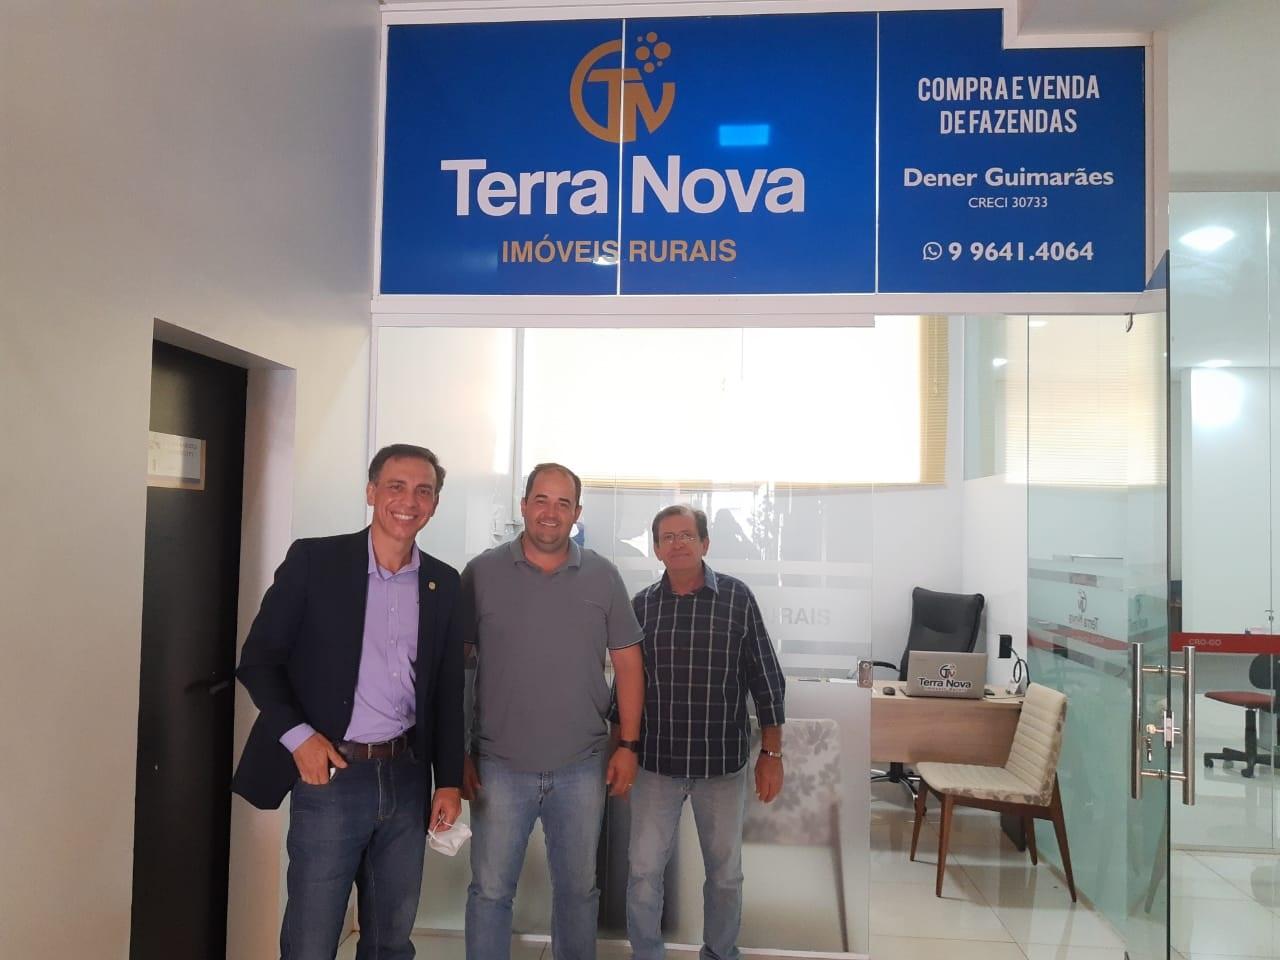 CRECI-GO visita escritórios e imobiliárias no Sudoeste Goiano   CRECI-GO/ Conselho Regional de Corretores de Imóveis de Goiás